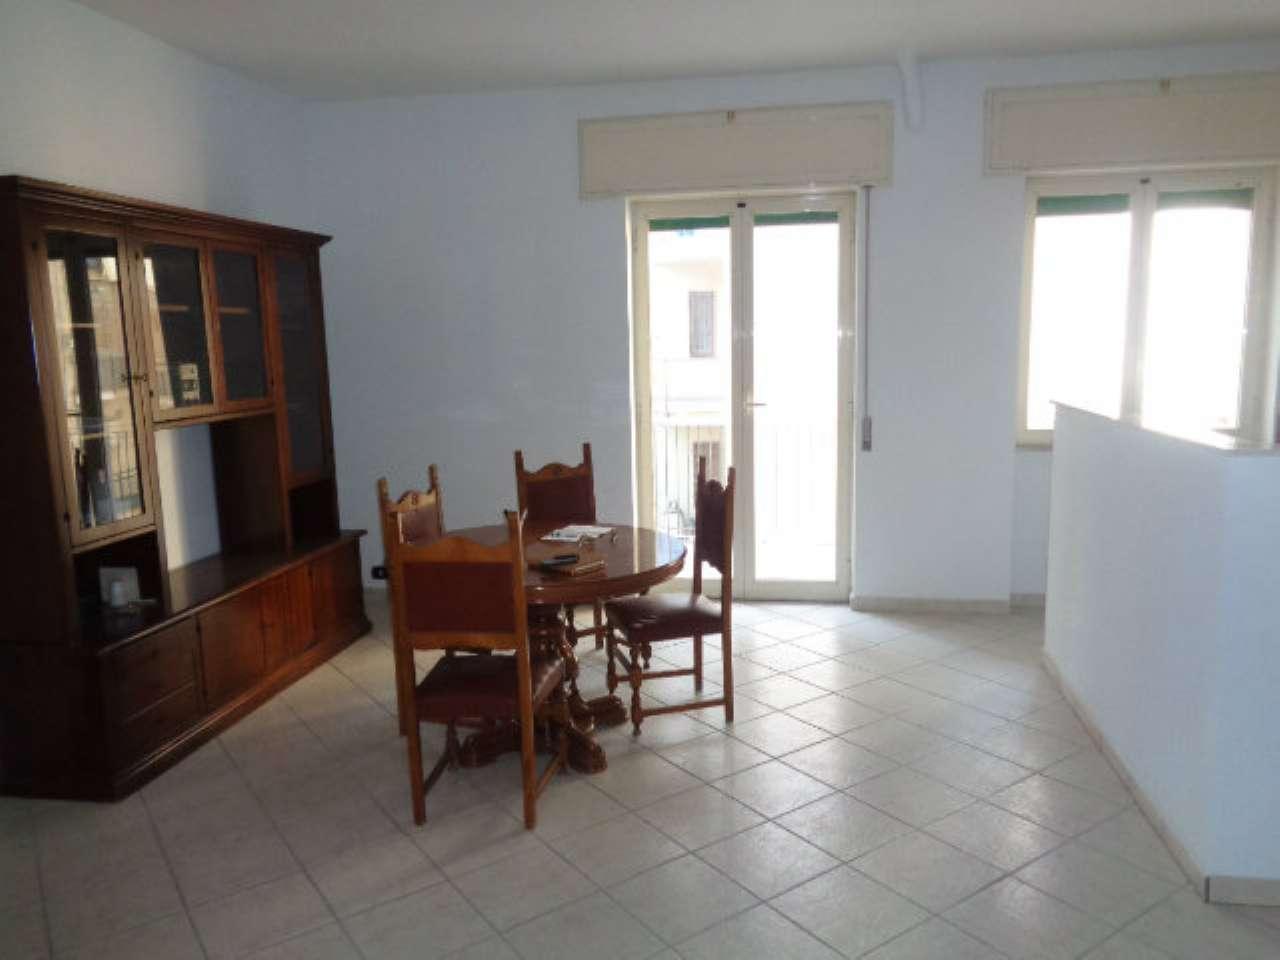 Appartamento in vendita a Marano di Napoli, 4 locali, prezzo € 143.000 | CambioCasa.it